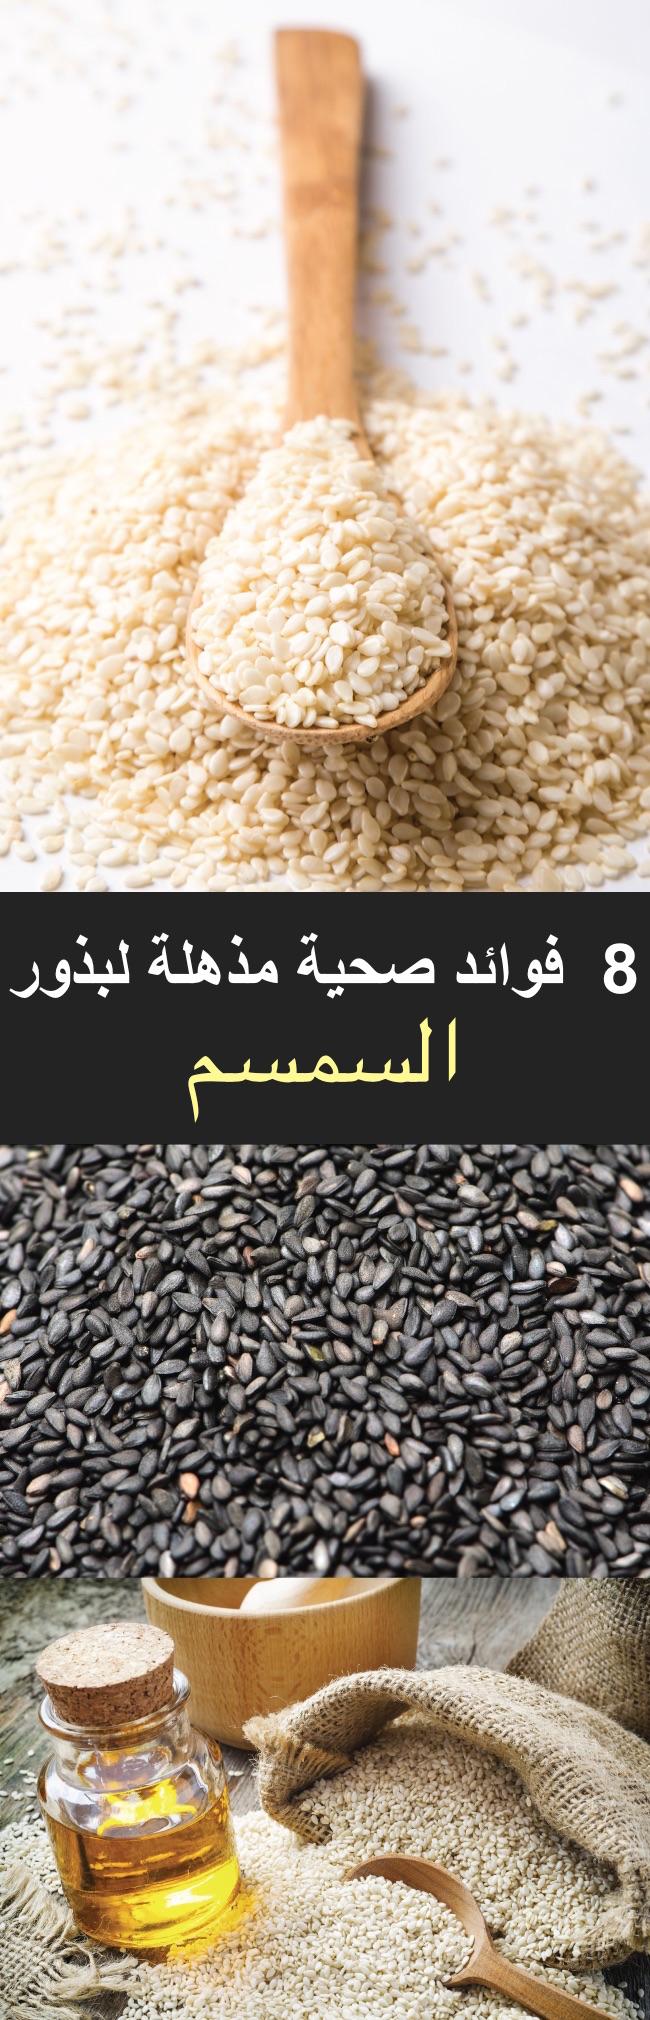 8 فوائد صحية مذهلة لبذور السمسم